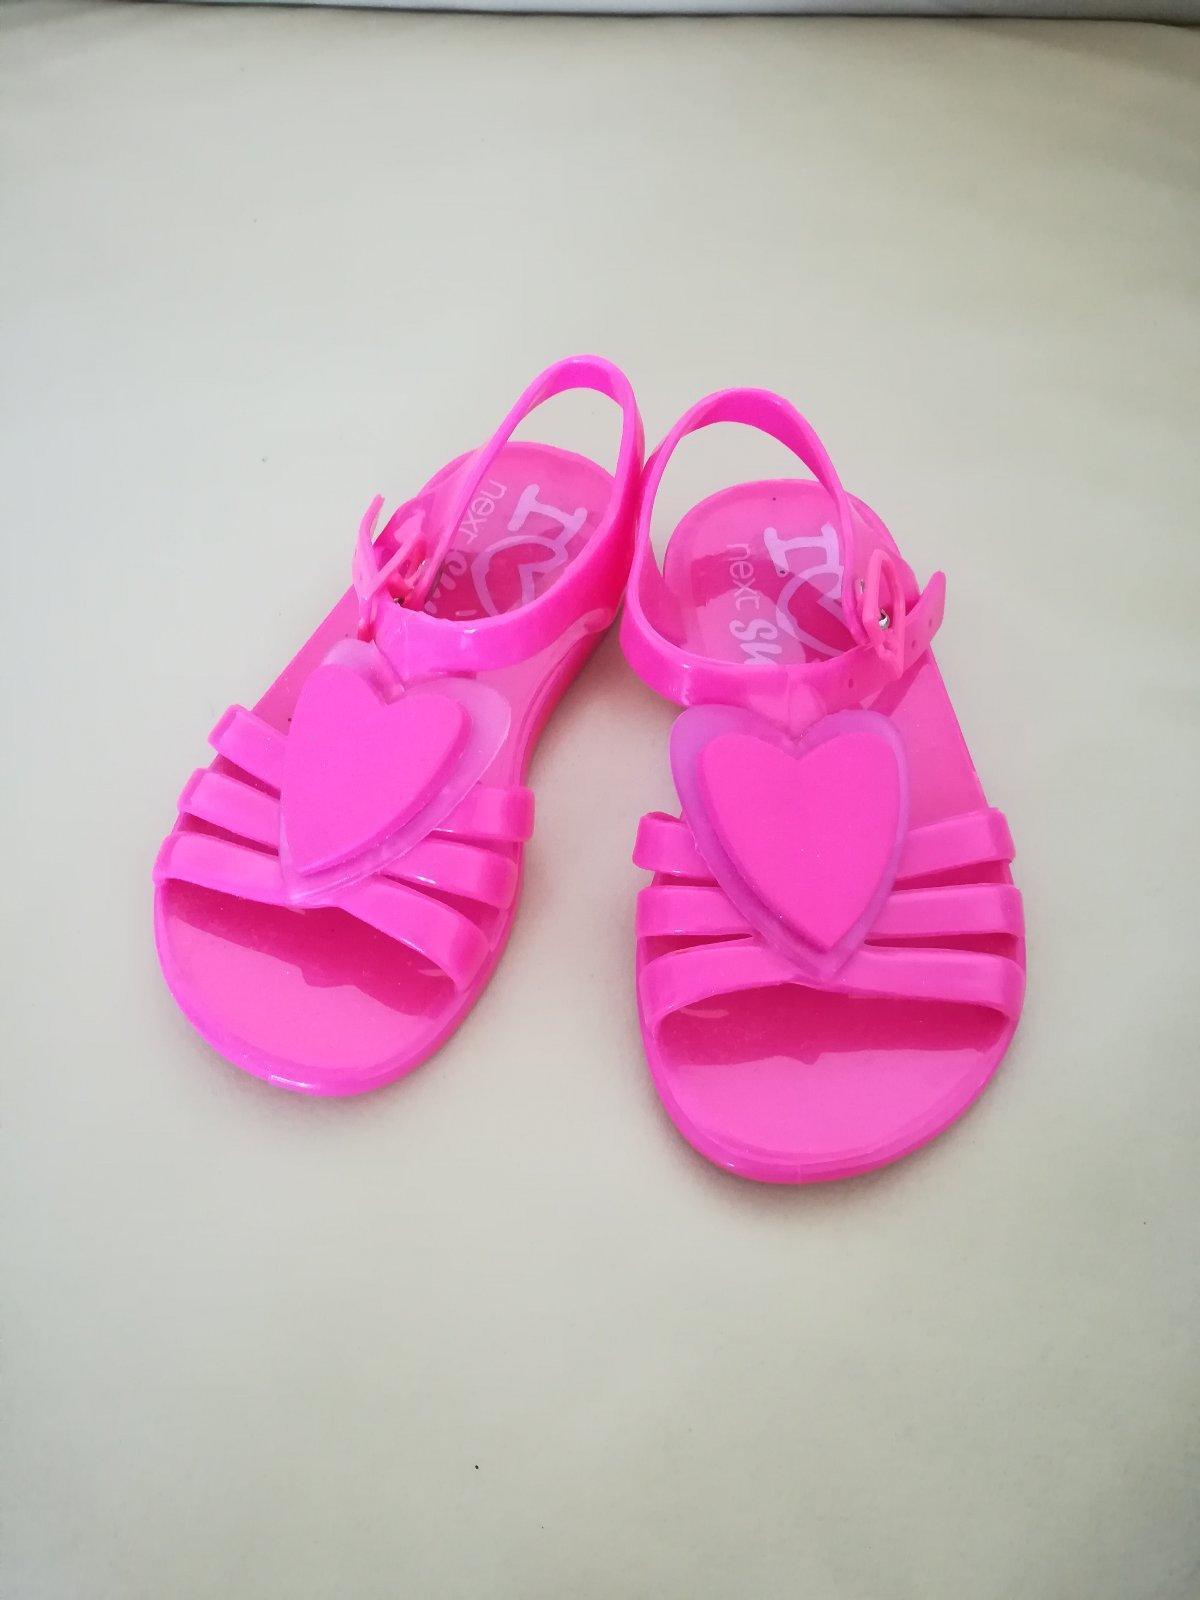 d9c6565716f1 Gumene sandalky next